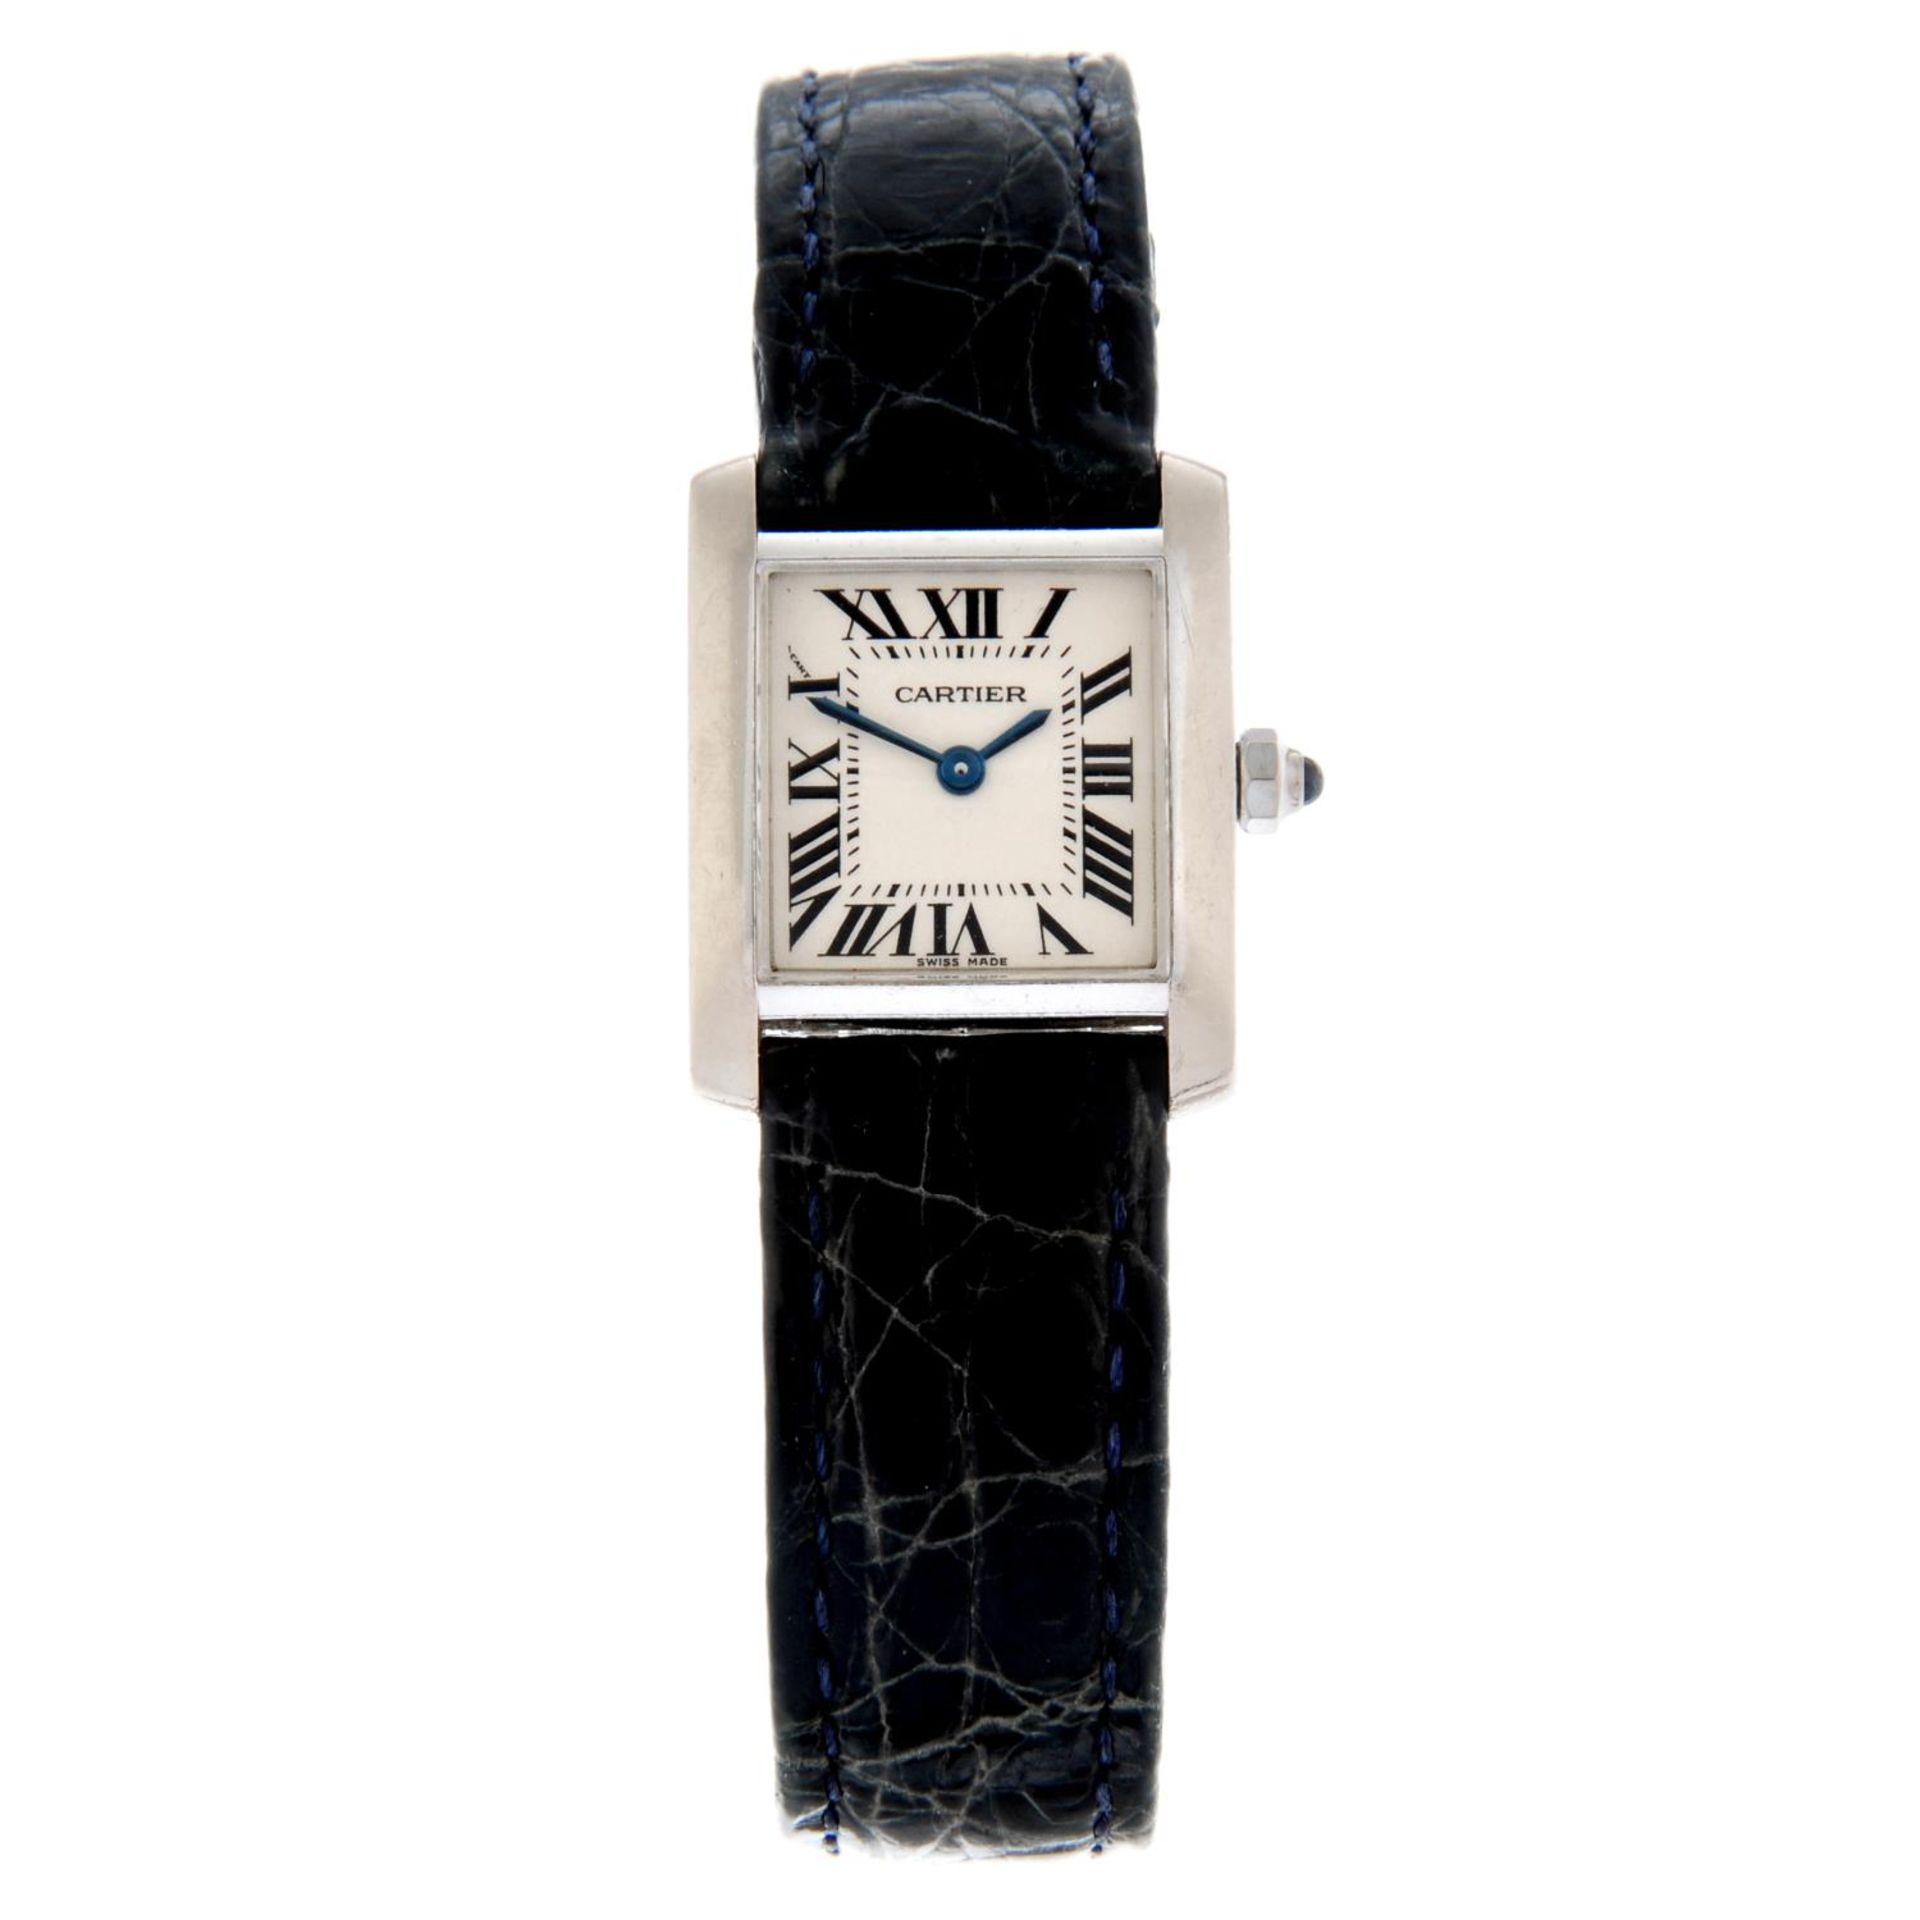 CARTIER - a Tank Francaise wrist watch.